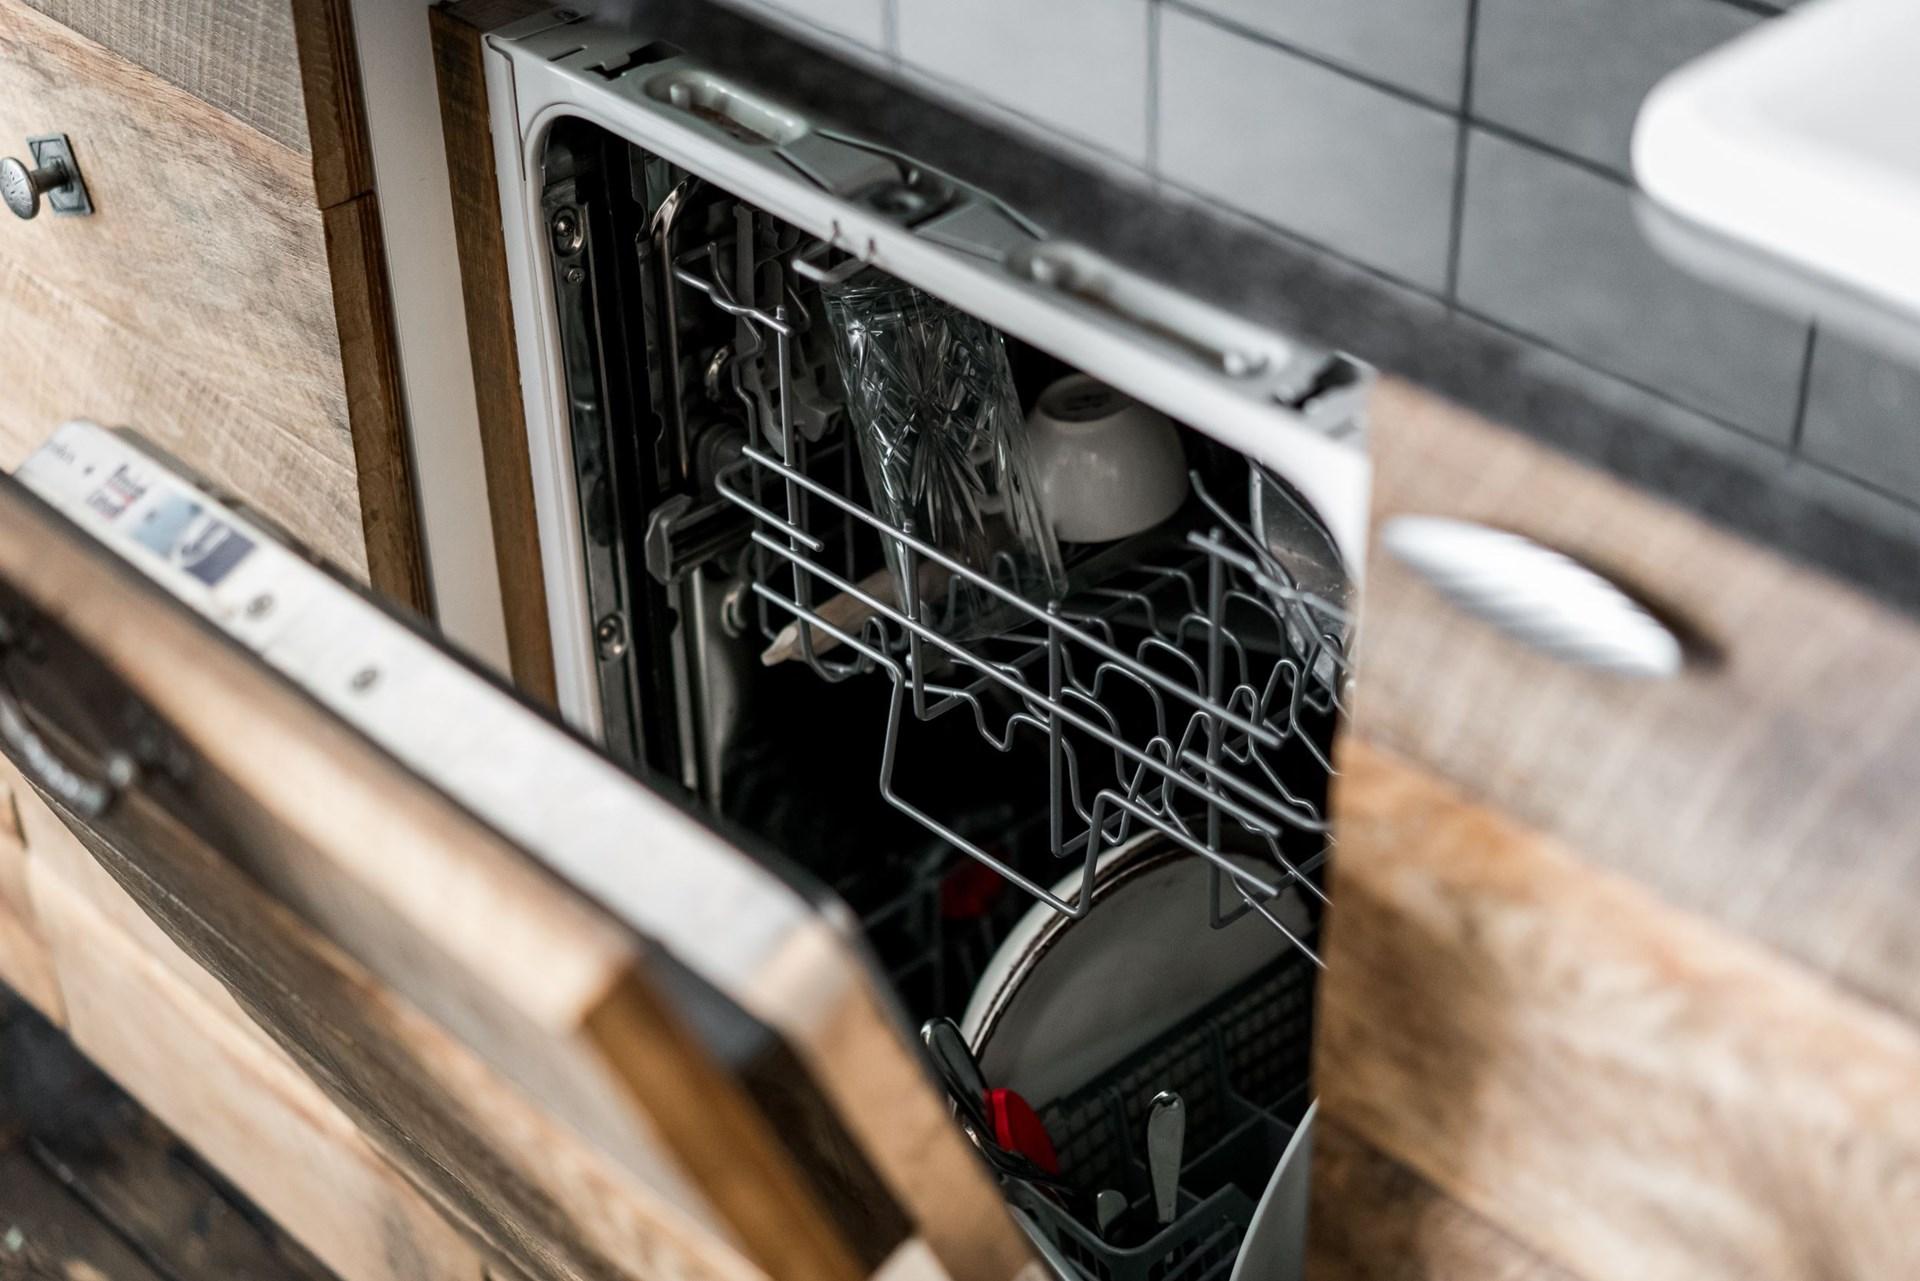 кухонная мебель встроенная посудомоечная машина